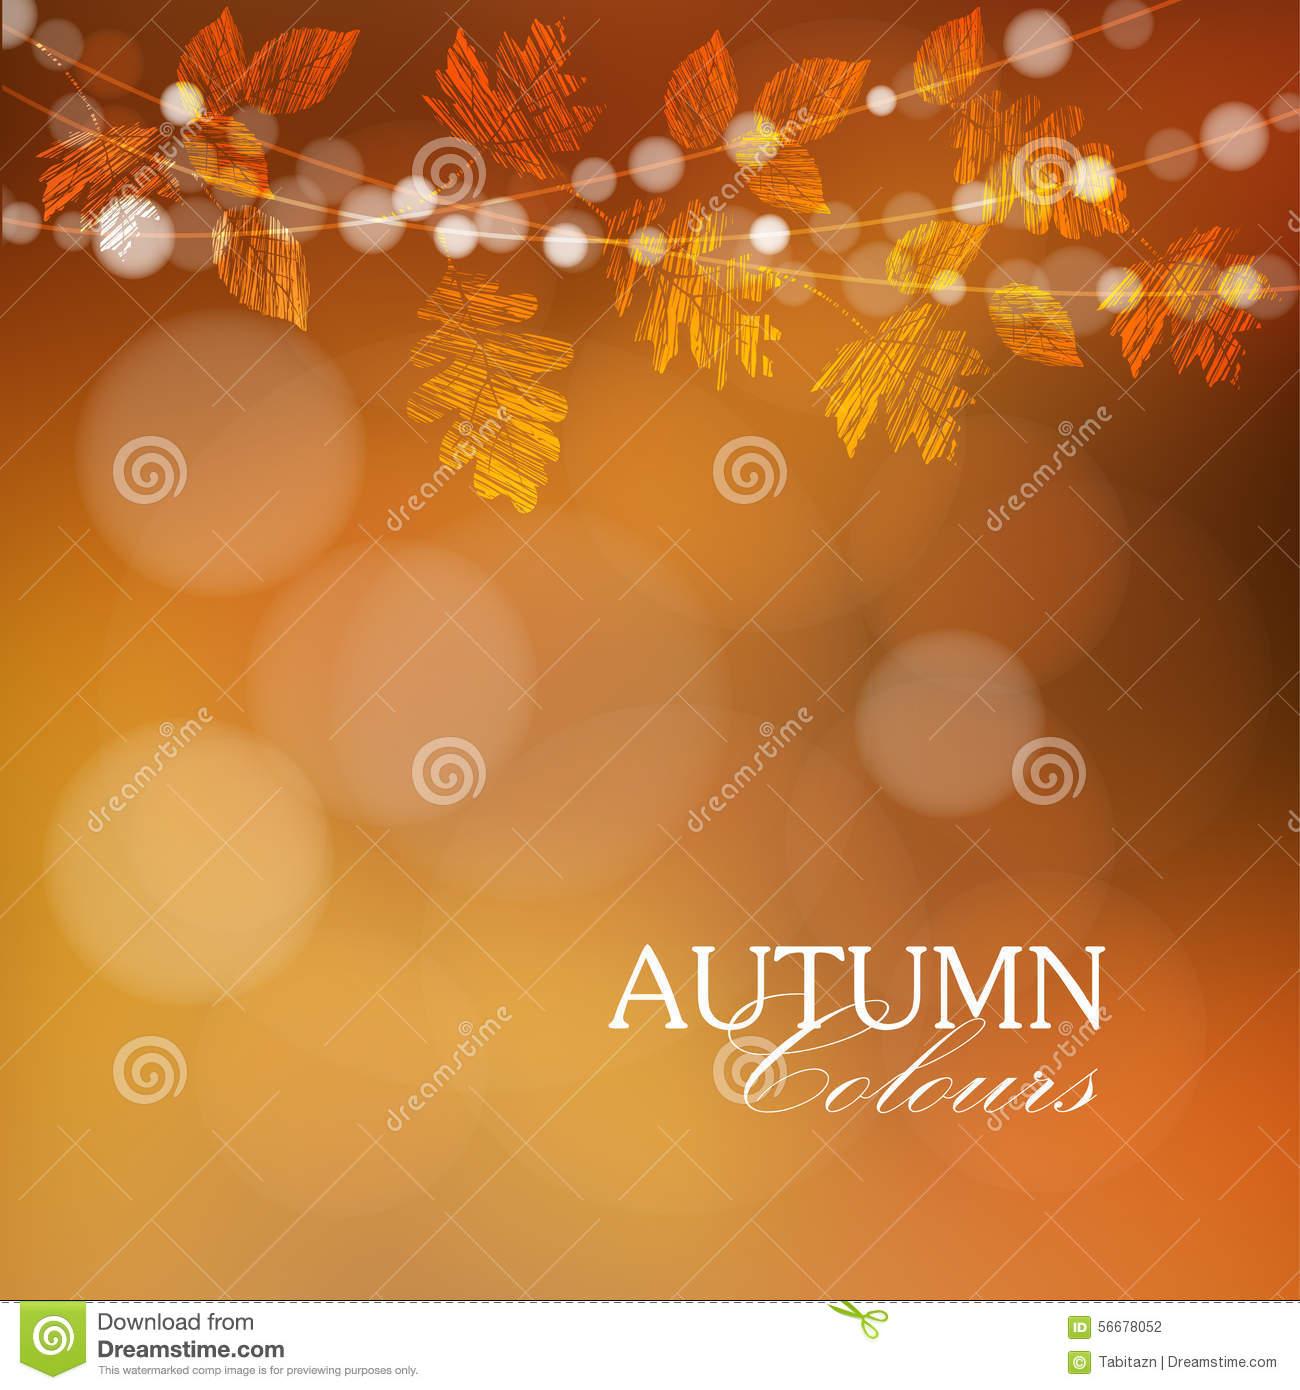 Autumn Stock Illustrations.